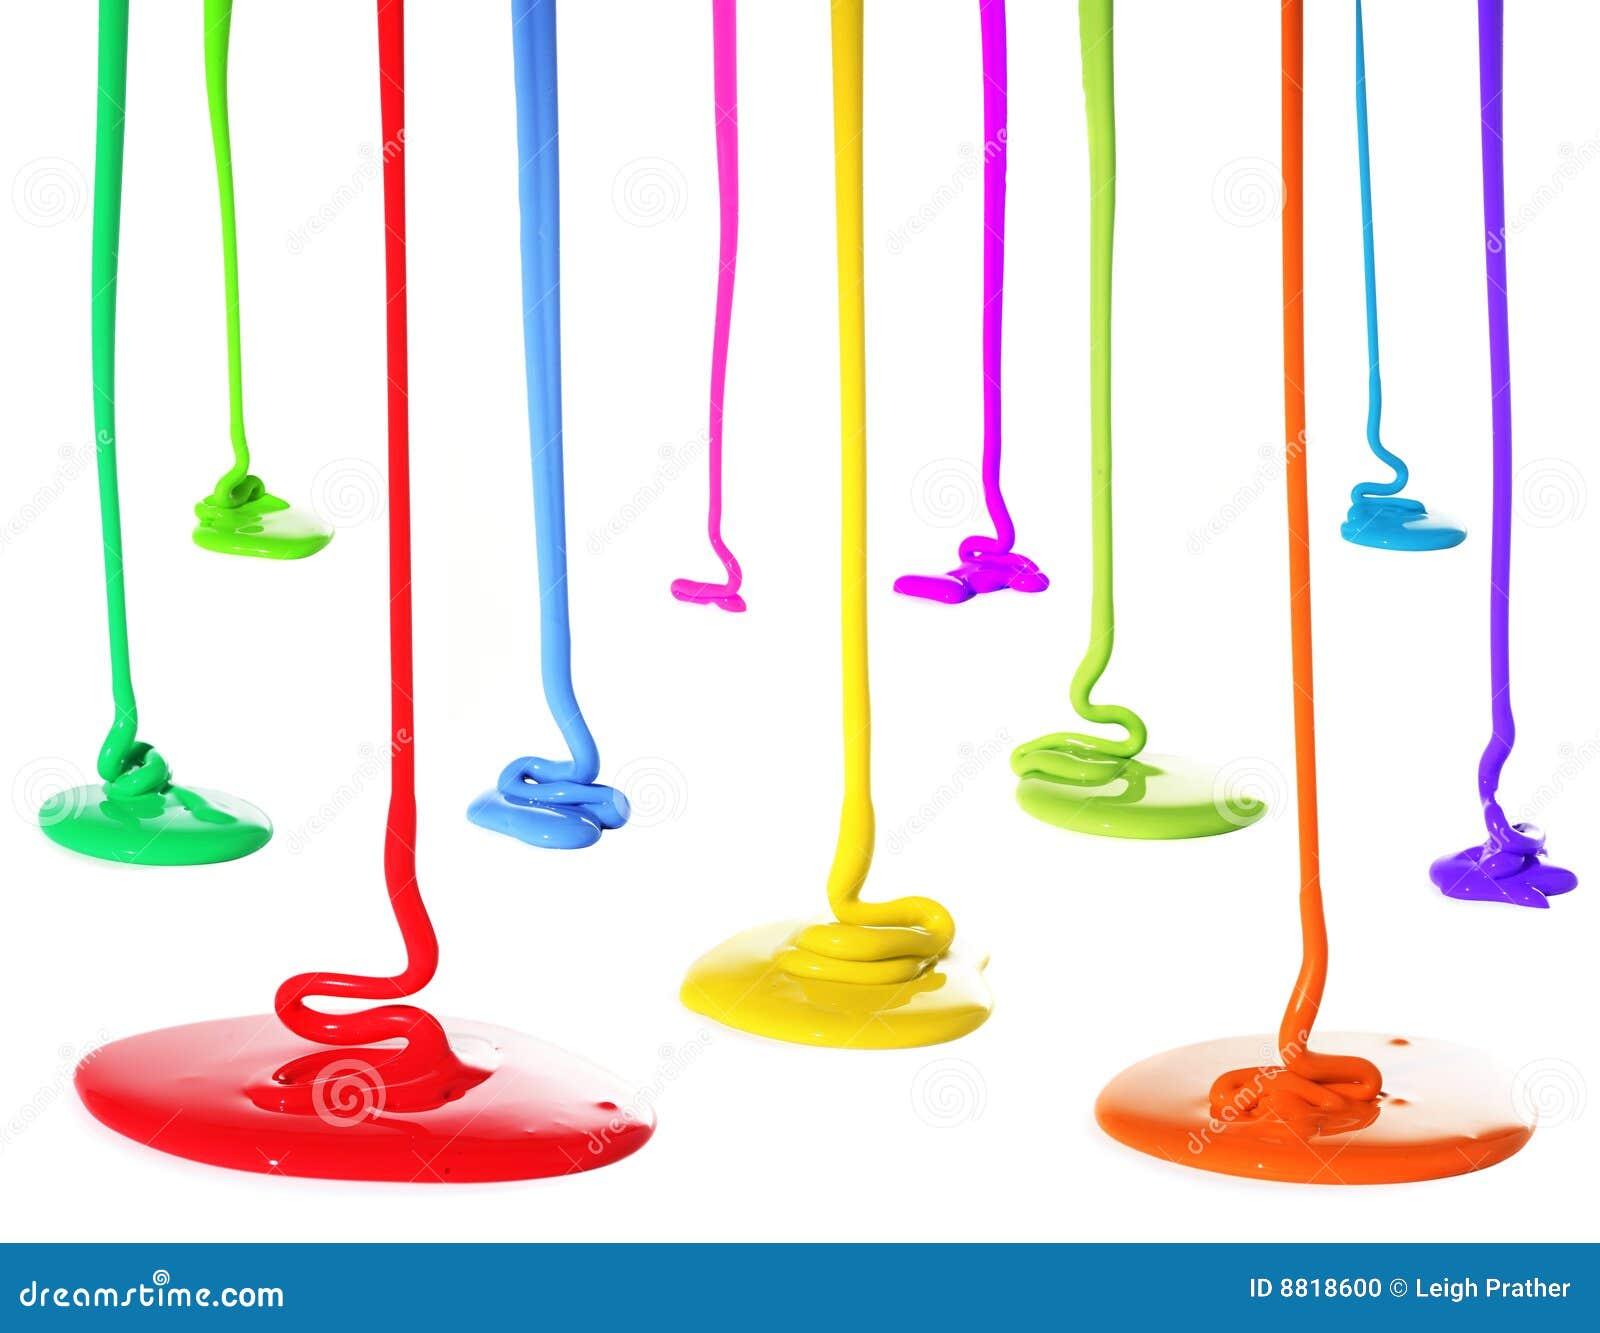 Primary Color Paint Pour Acrylic